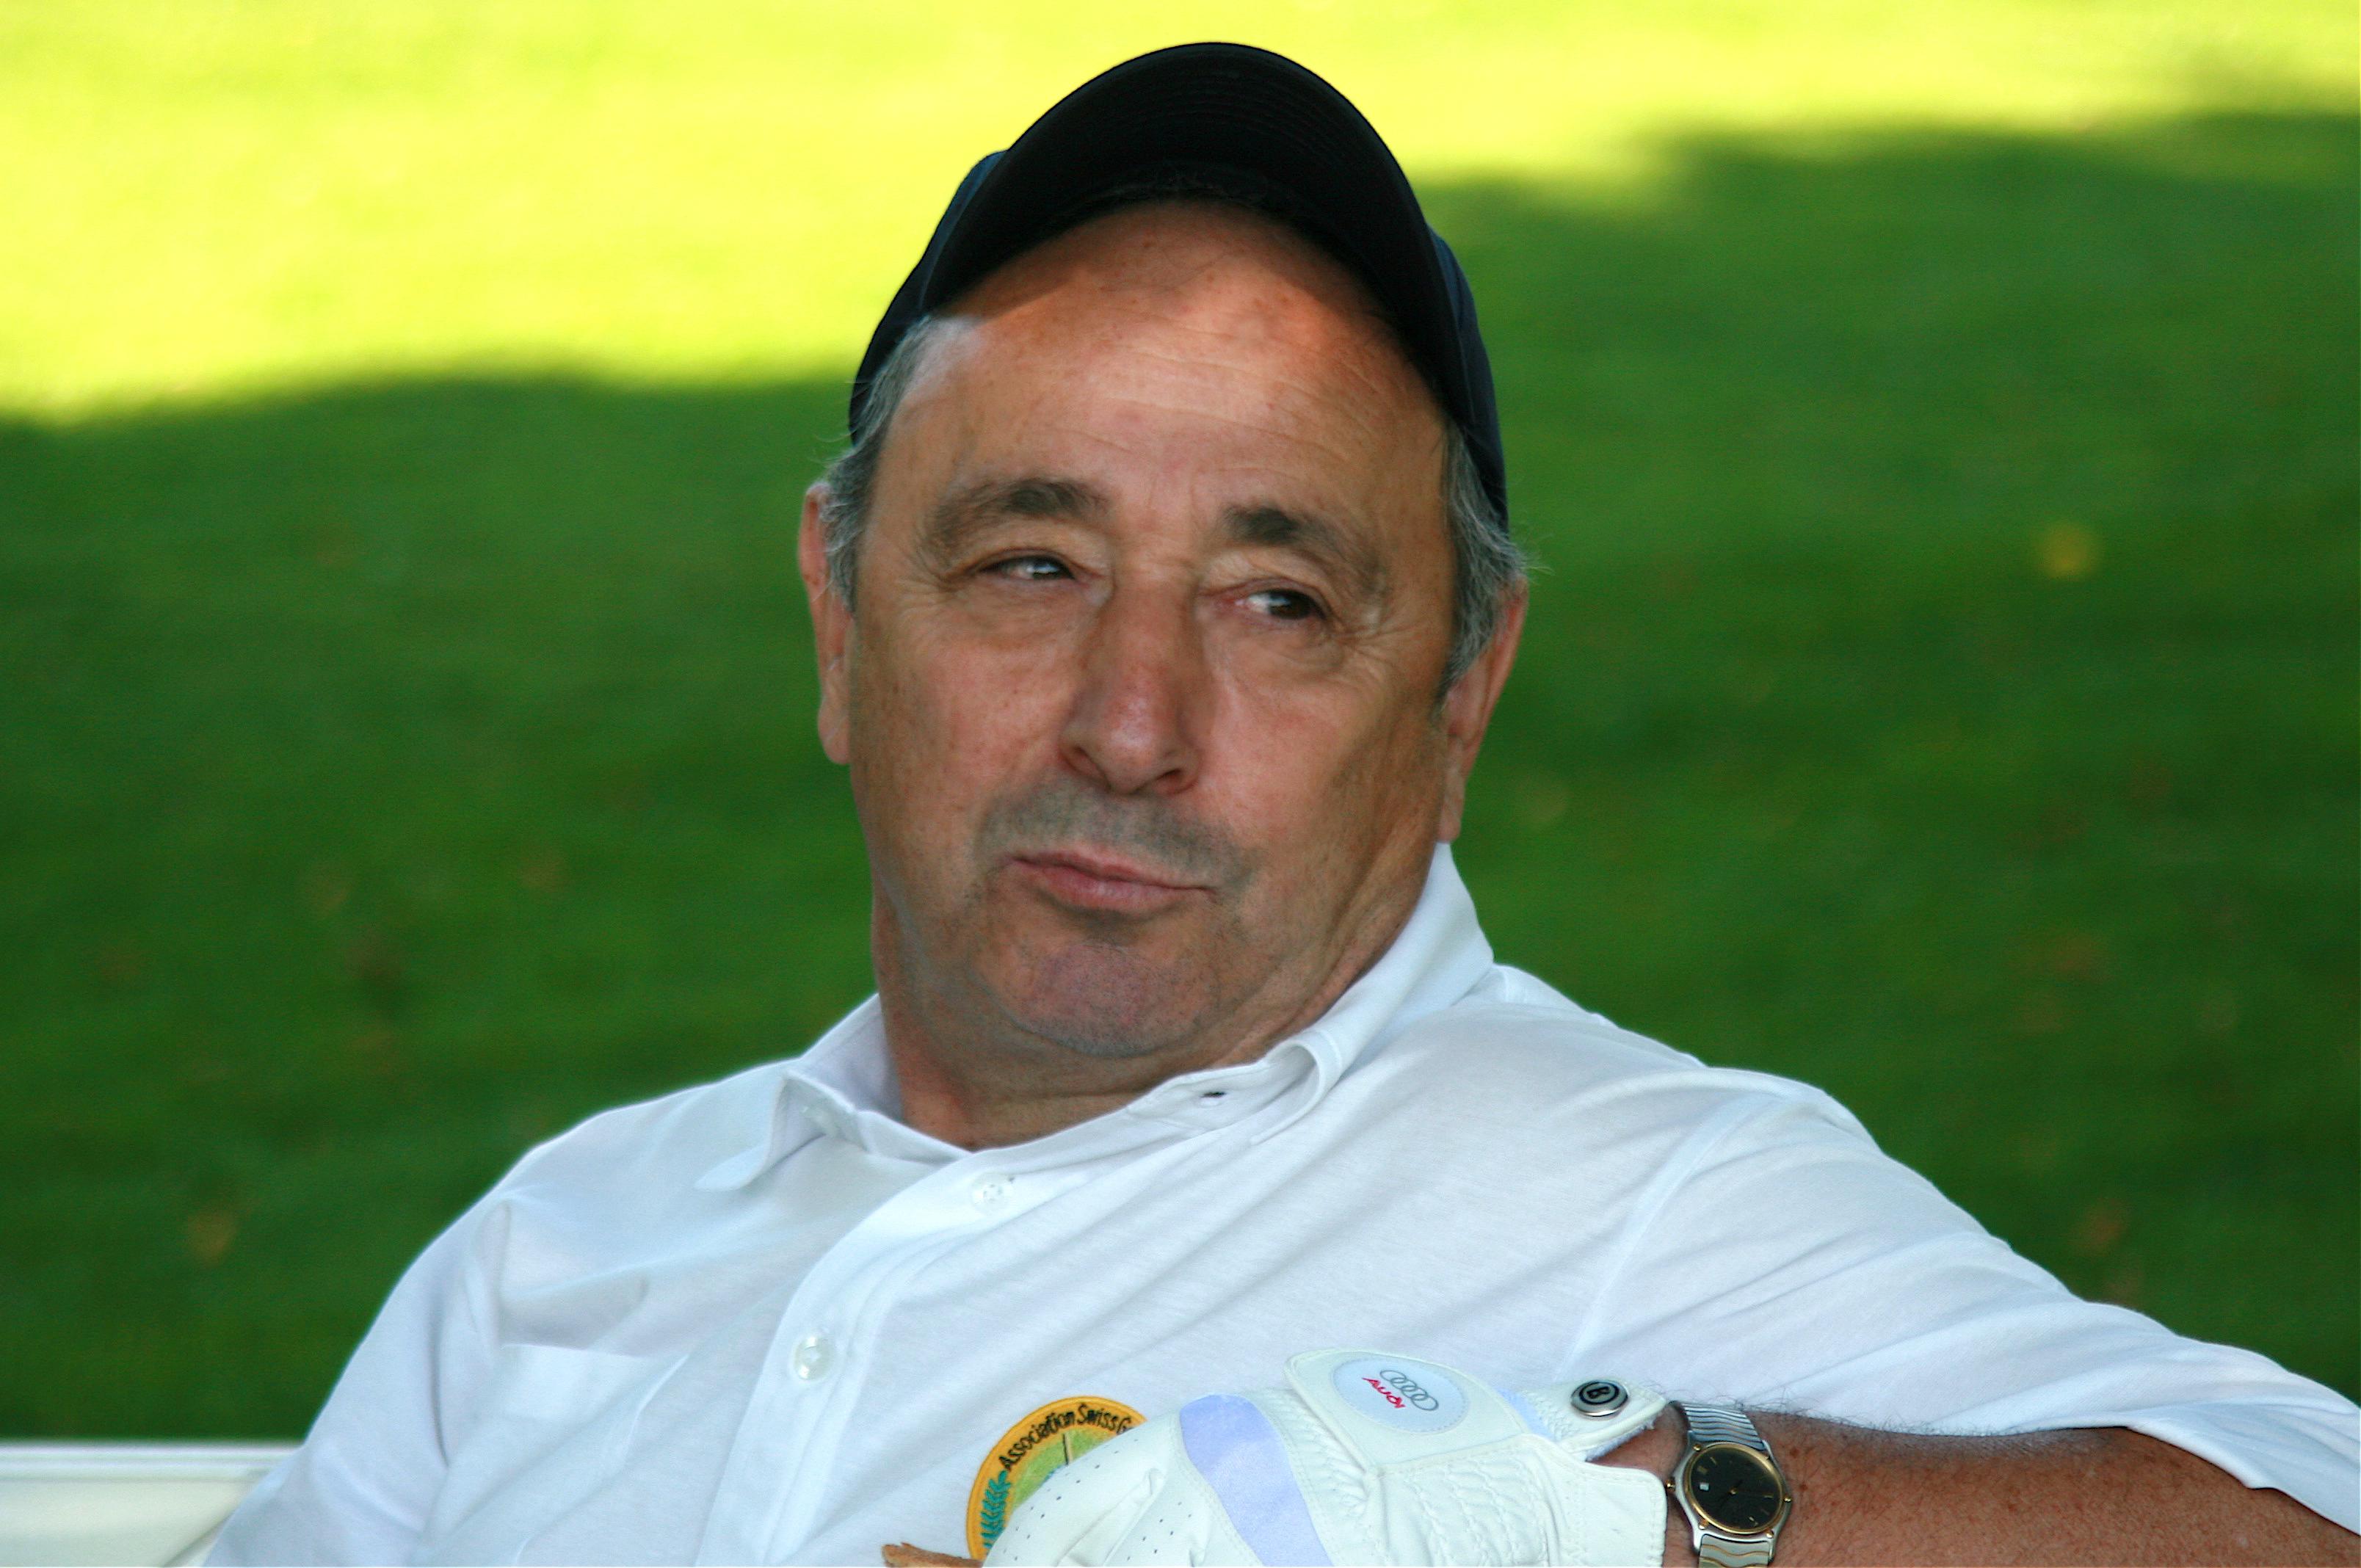 Avatar of golfer named Rey  Jacky